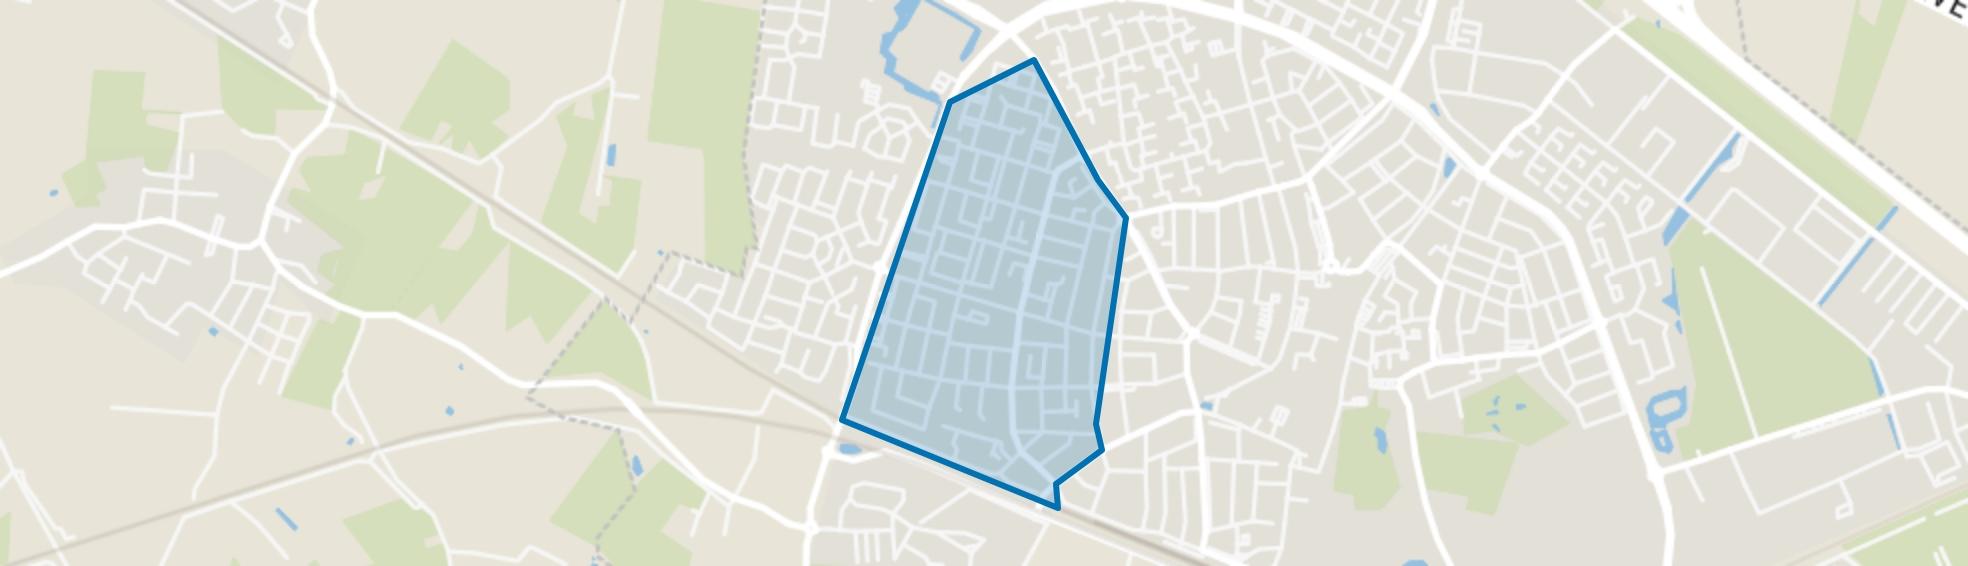 Zonnemaat, Zevenaar map